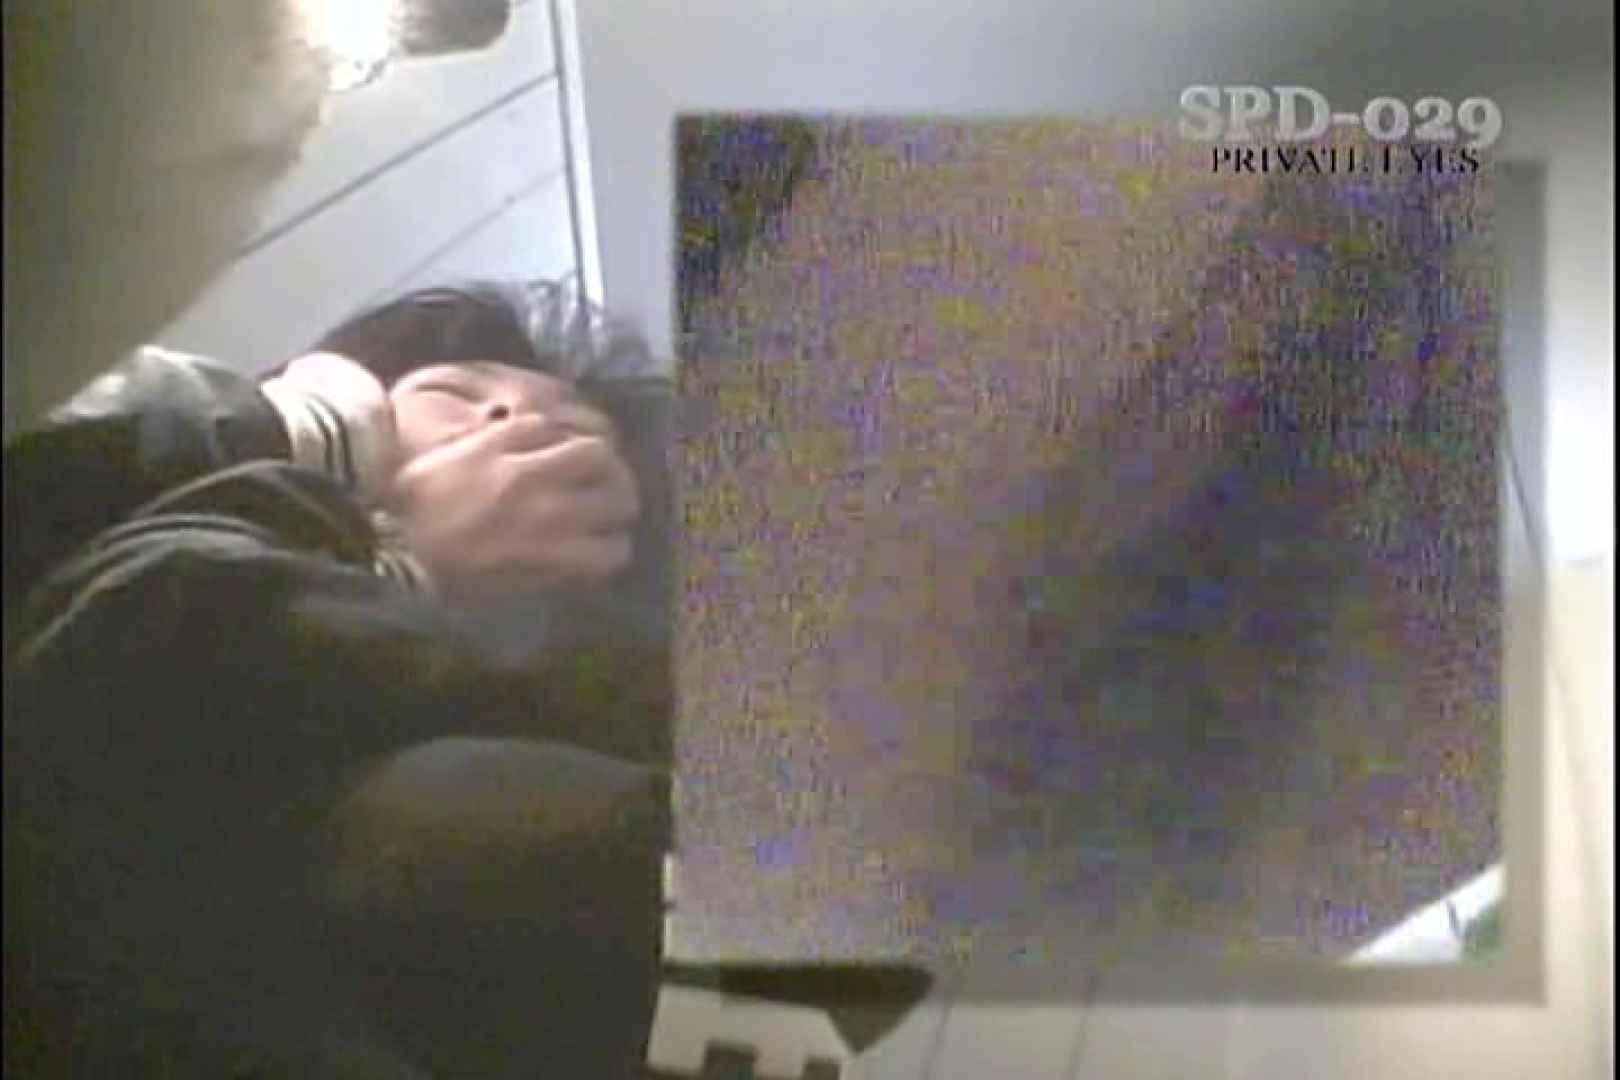 高画質版!SPD-029 和式厠 モリモリスペシャル プライベート セックス画像 60枚 33